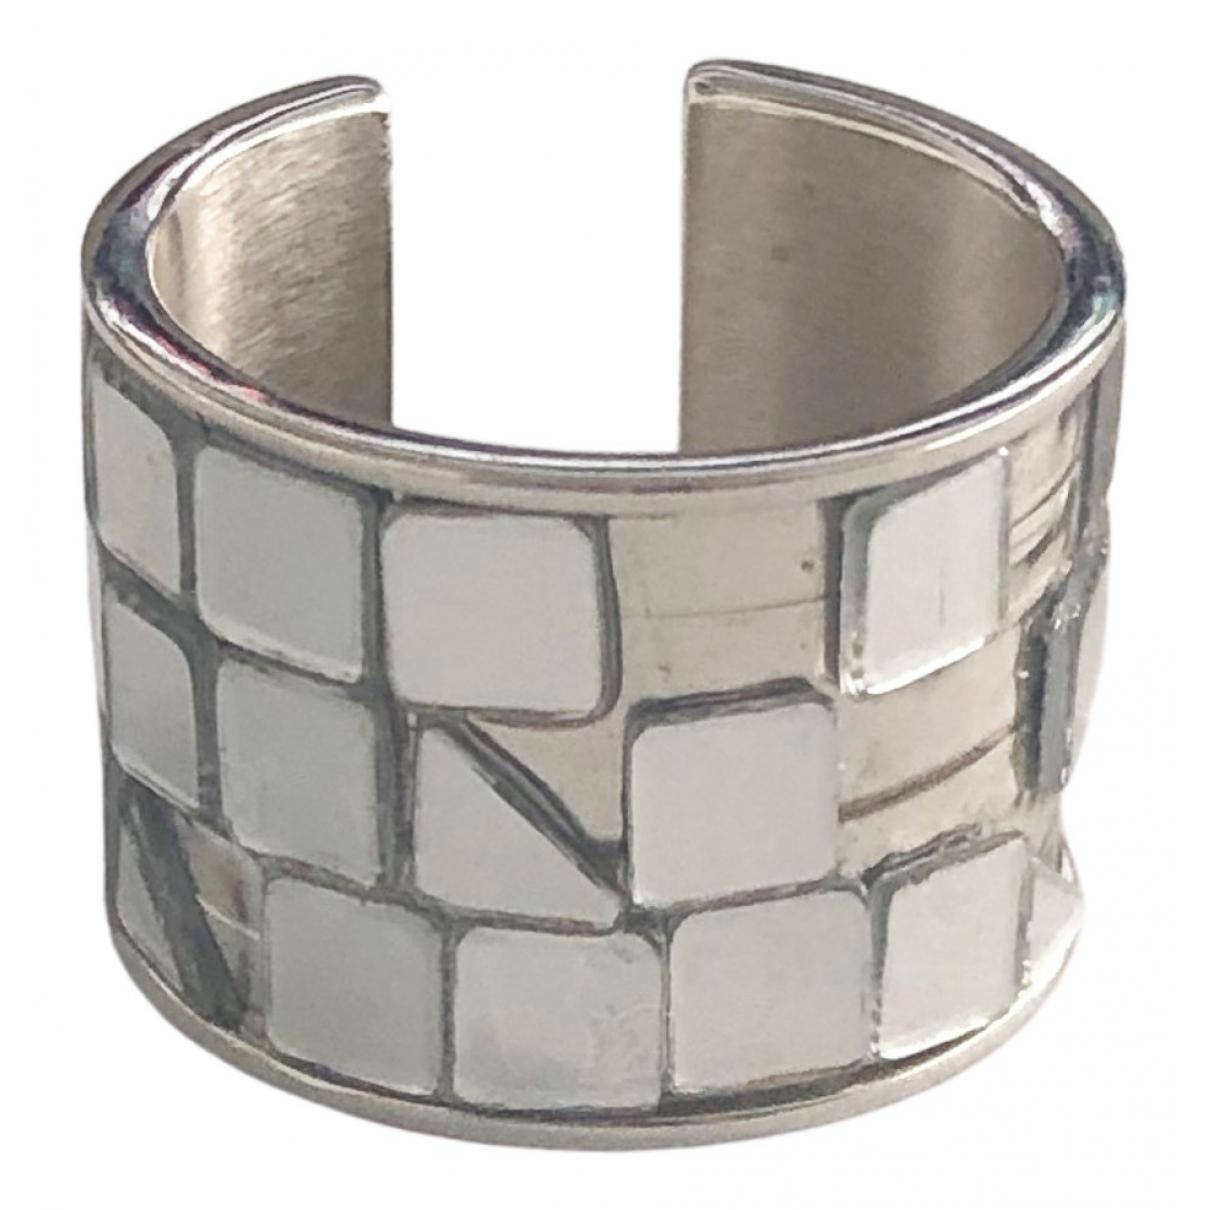 Mm6 \N Ring in  Silber Stahl